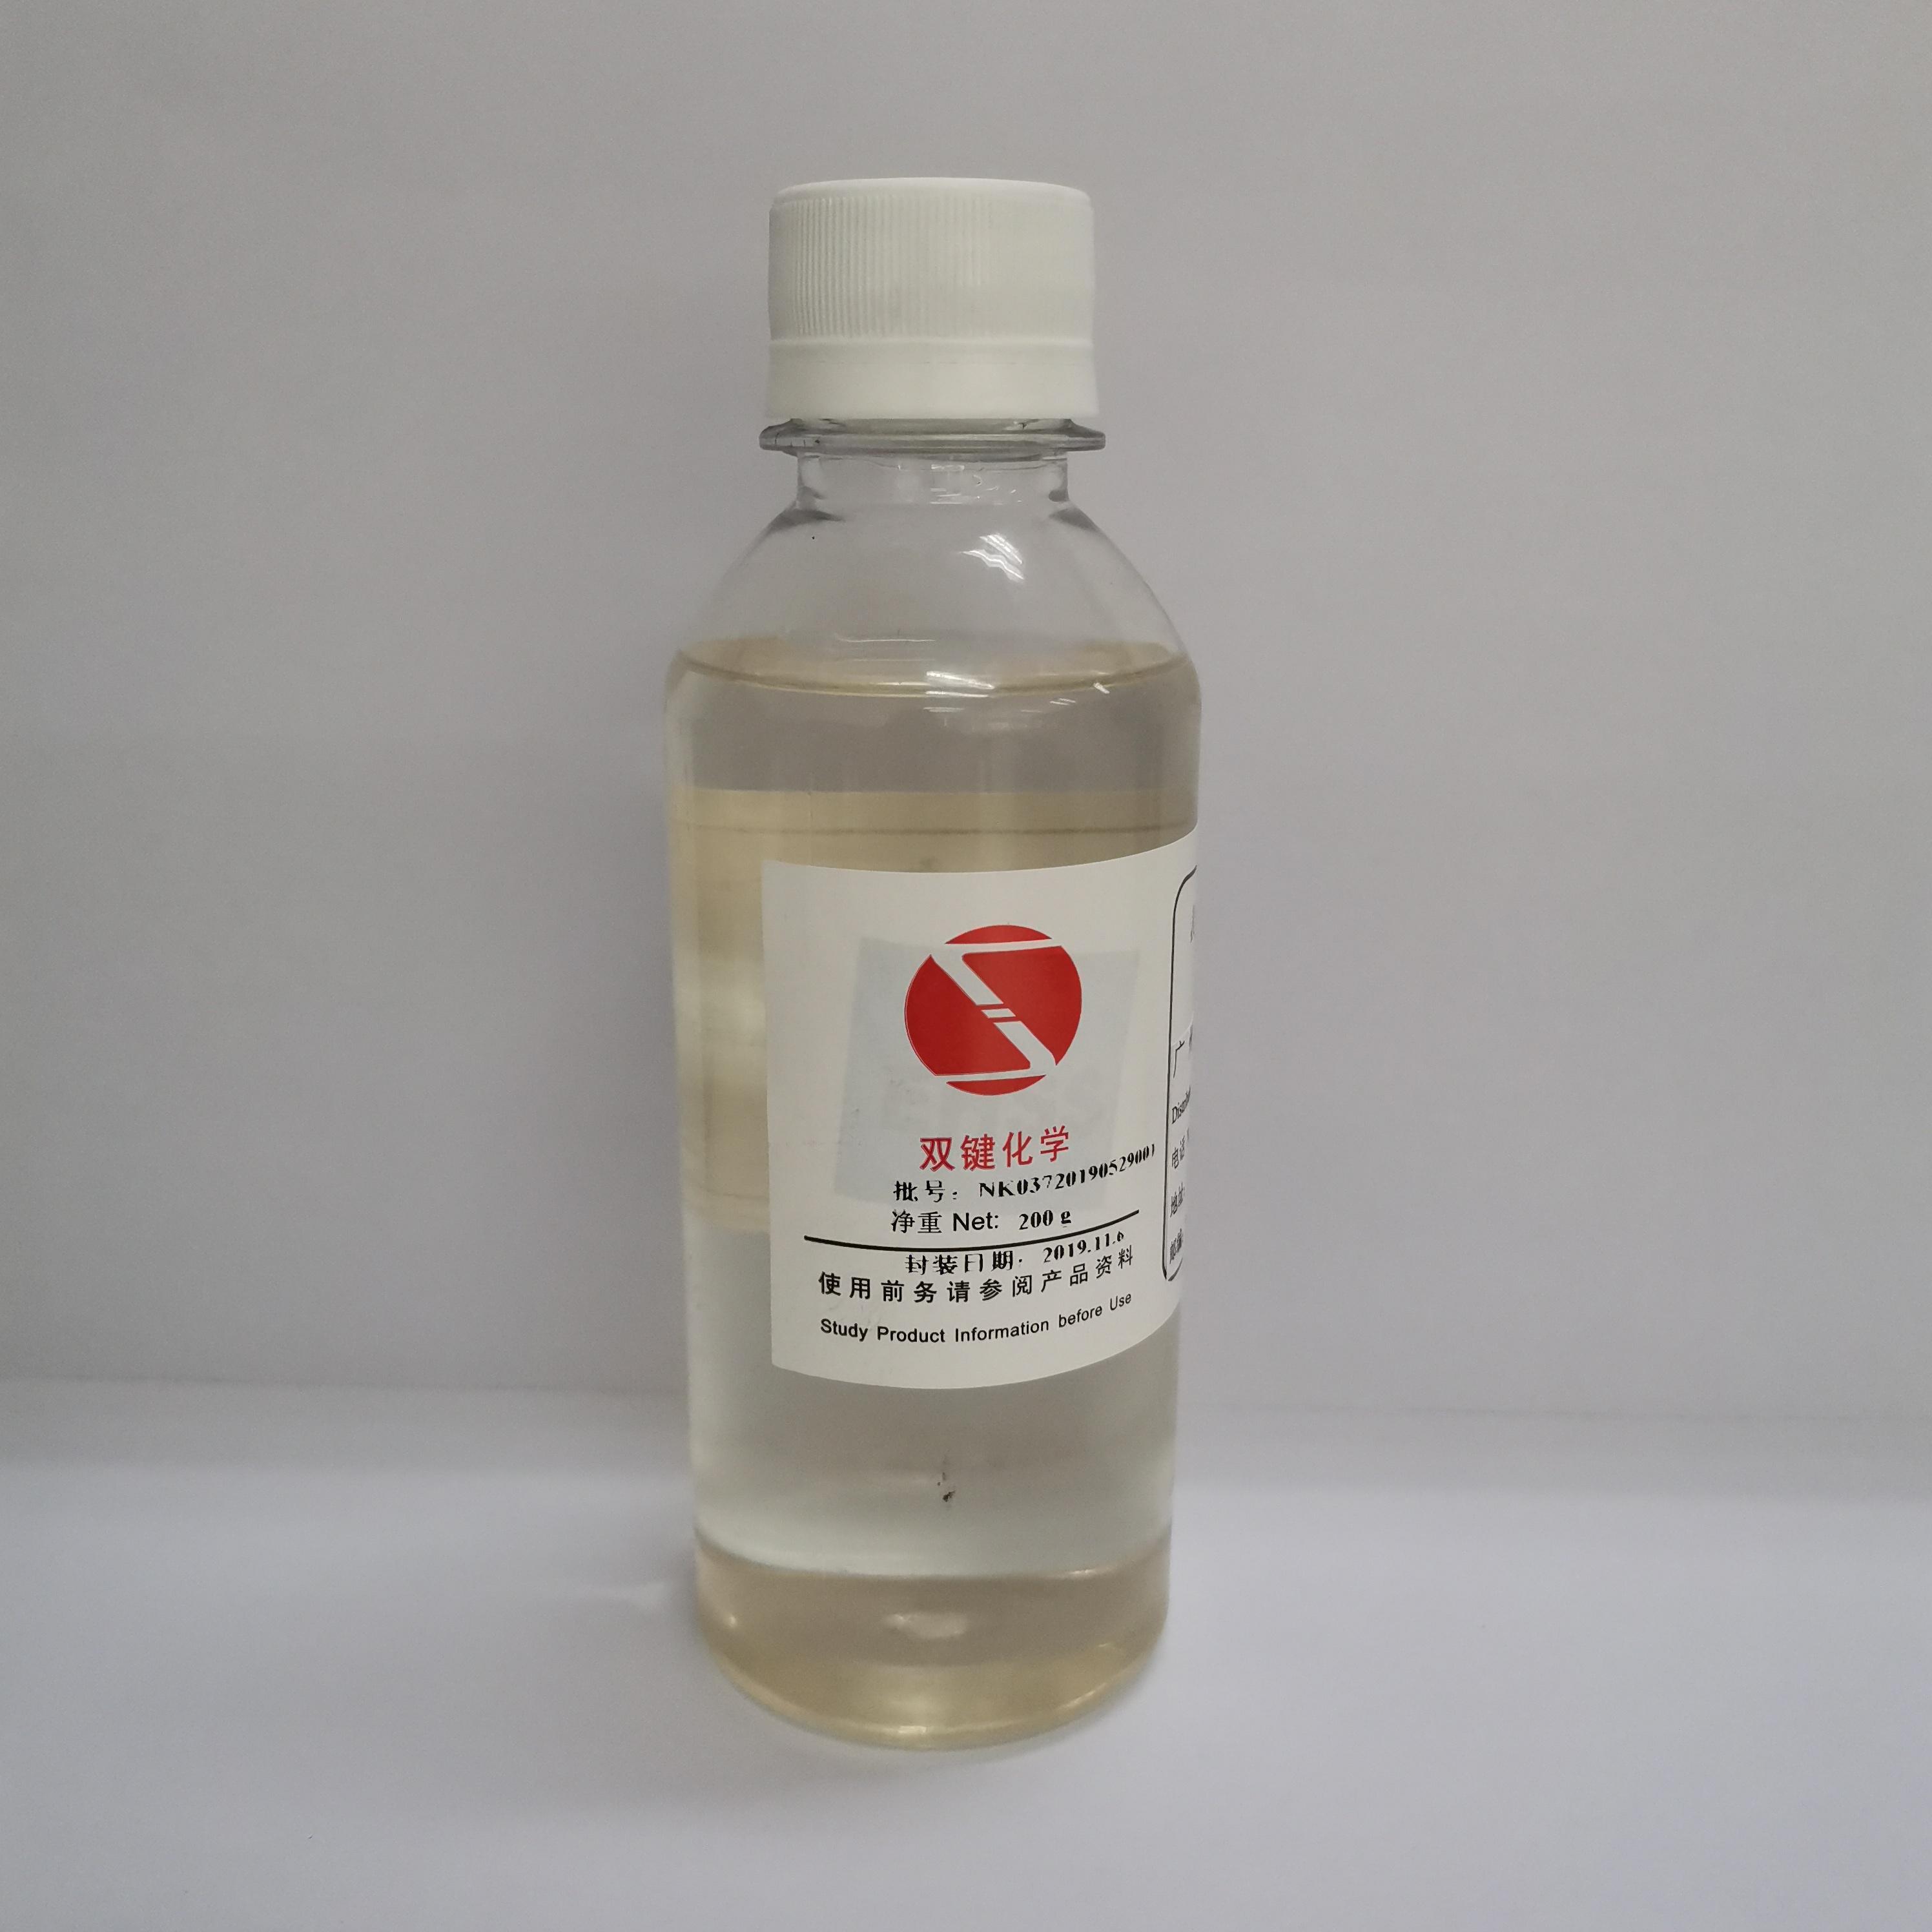 特别推荐产品之一 1-烯丙氧基-3-腰果酚-2-丙醇